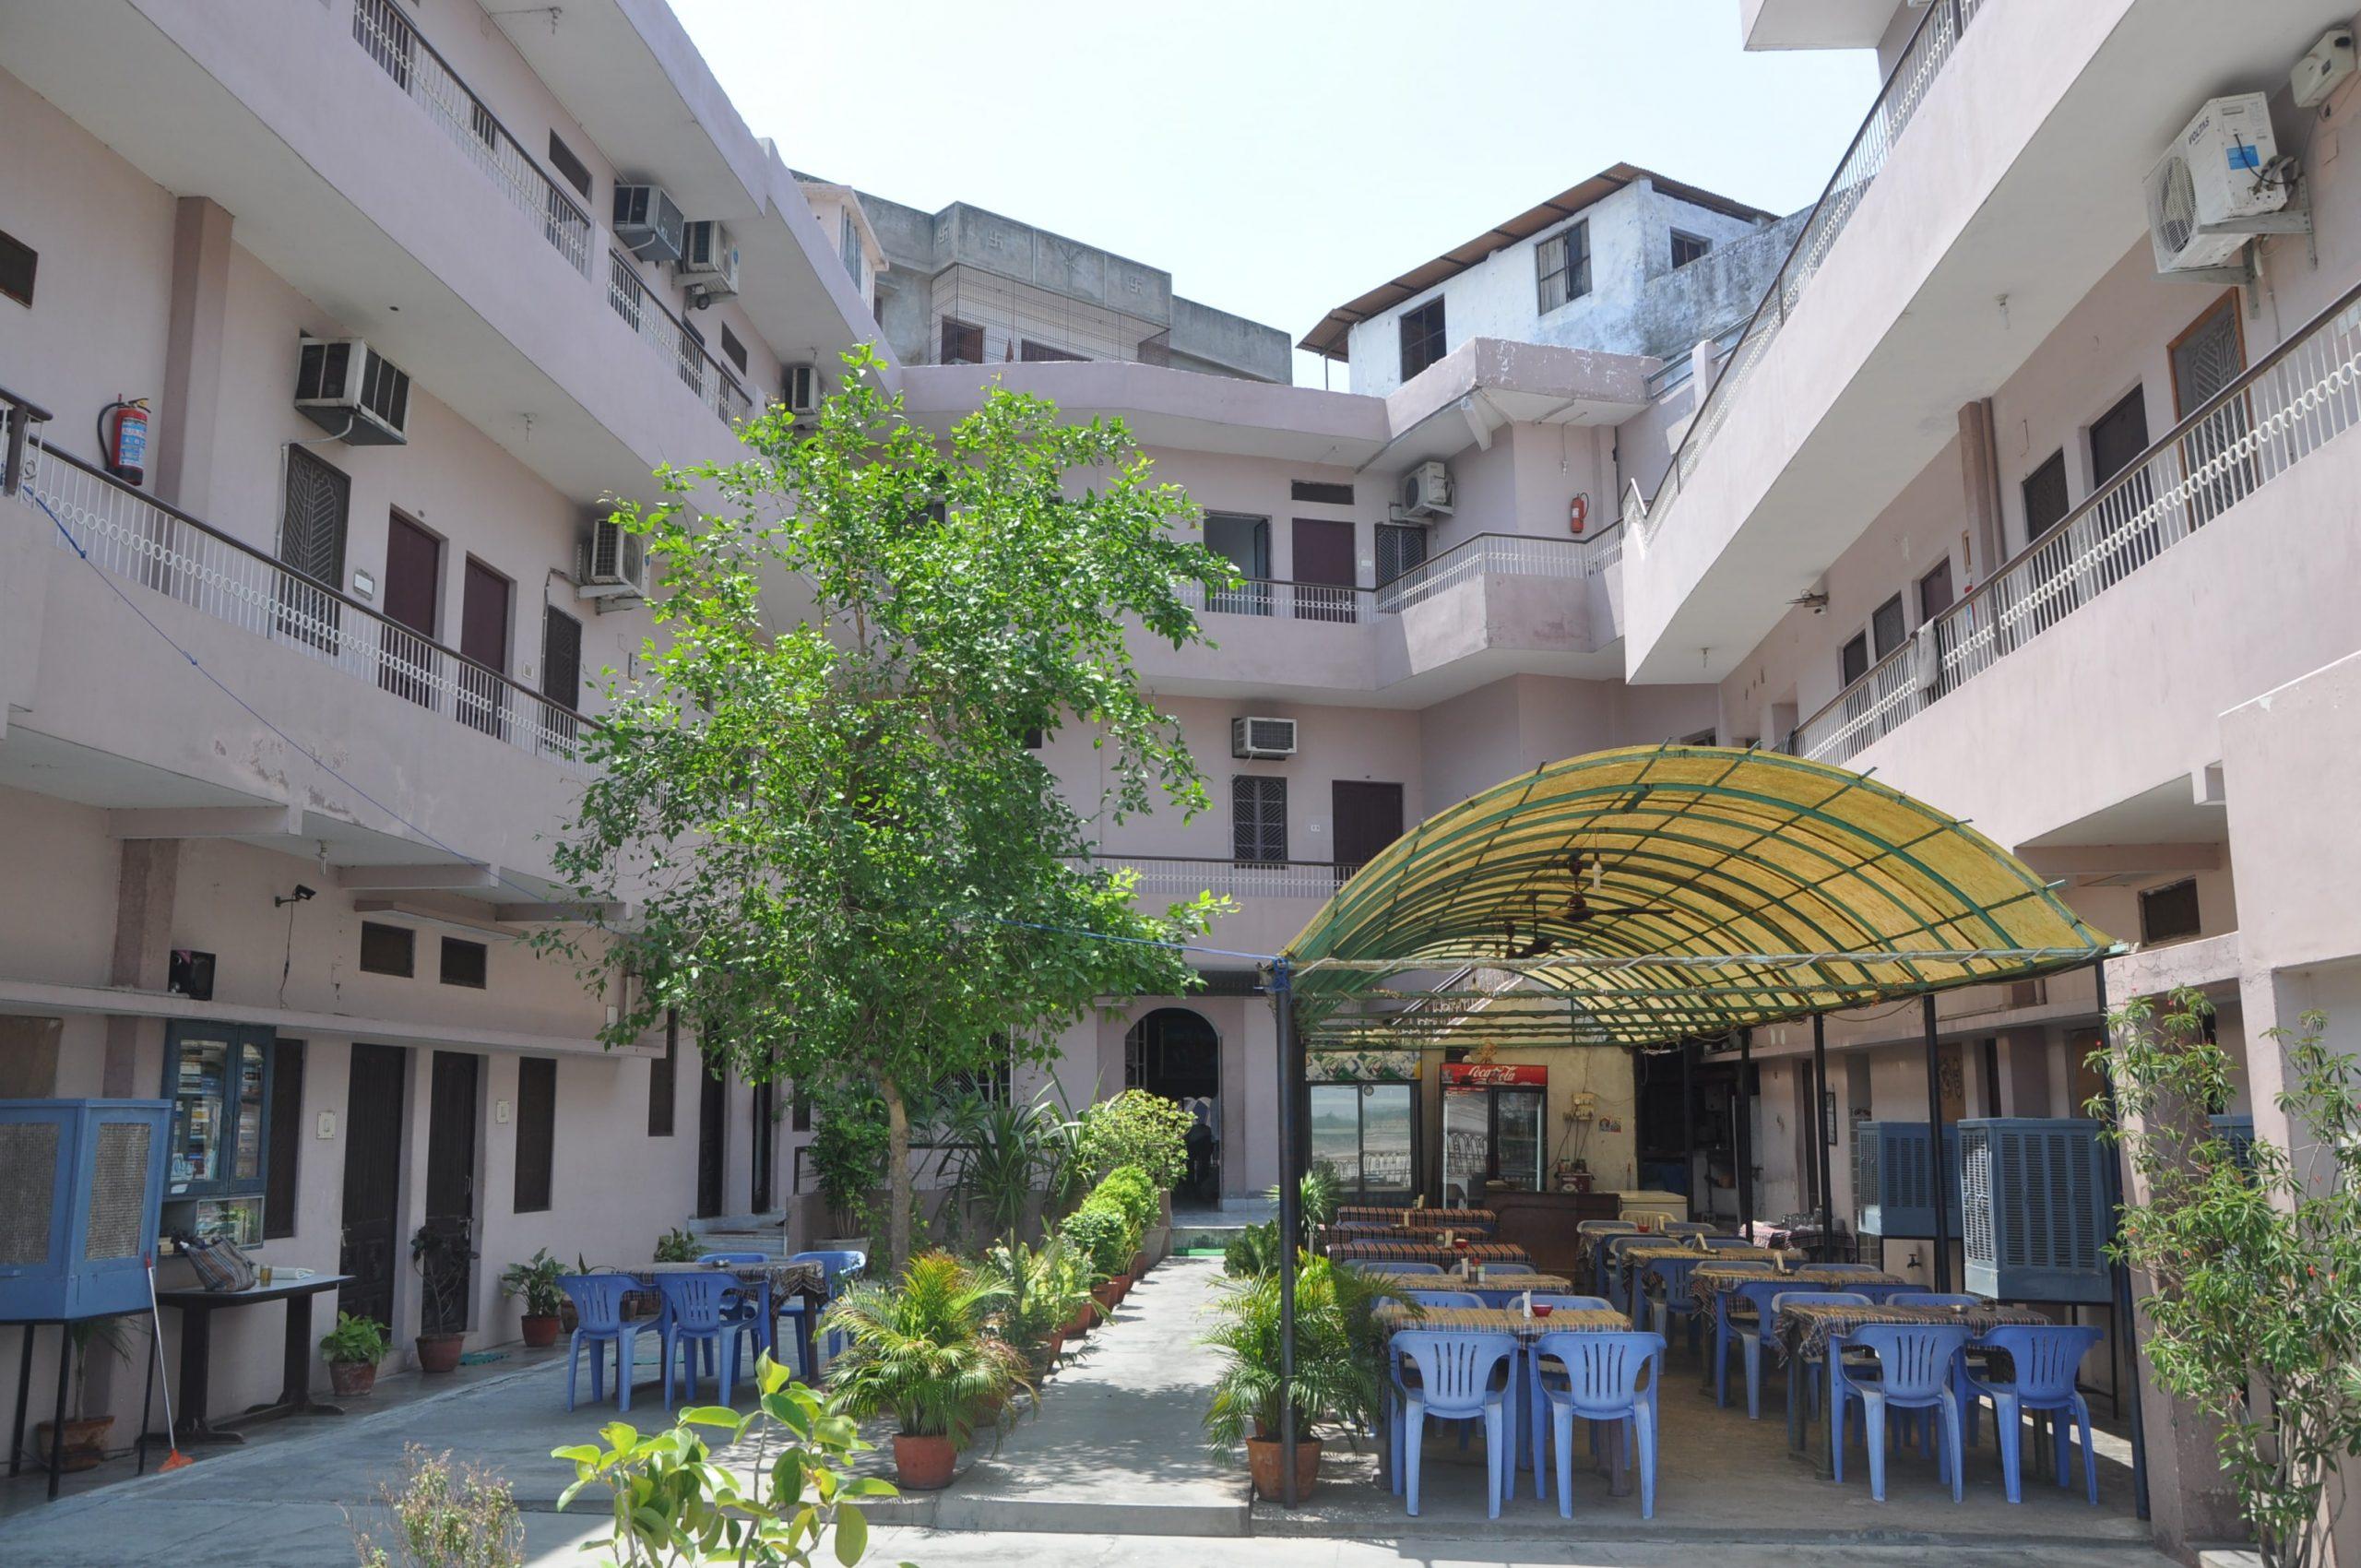 Hotel Alka Best Budget Hotel in Varanasi